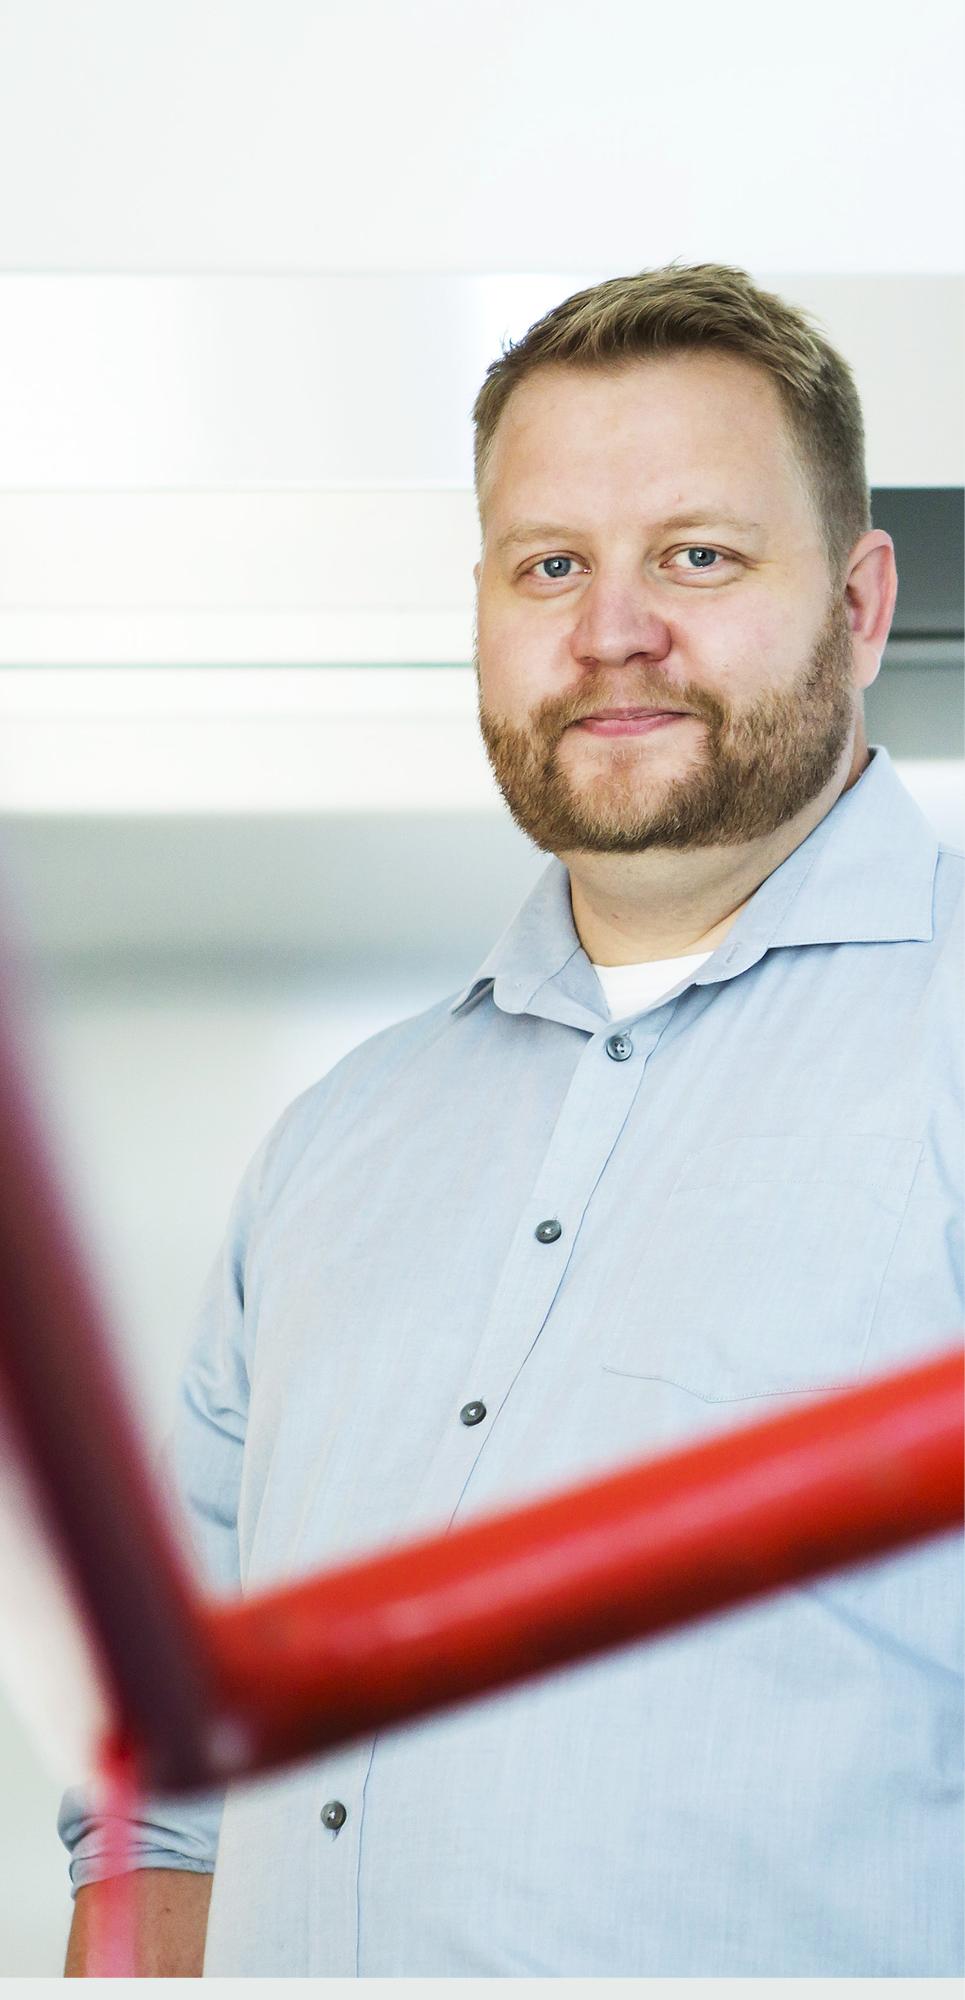 Jari Nikkinen onnistui väitöstyössään yhdistämään laserin komponentit, päävalonlähteen, Q-kytkimen, vahvistimen sekä kaksi eri taajuusmuunnostapaa hyvin toimivaksi kokonaisuudeksi.